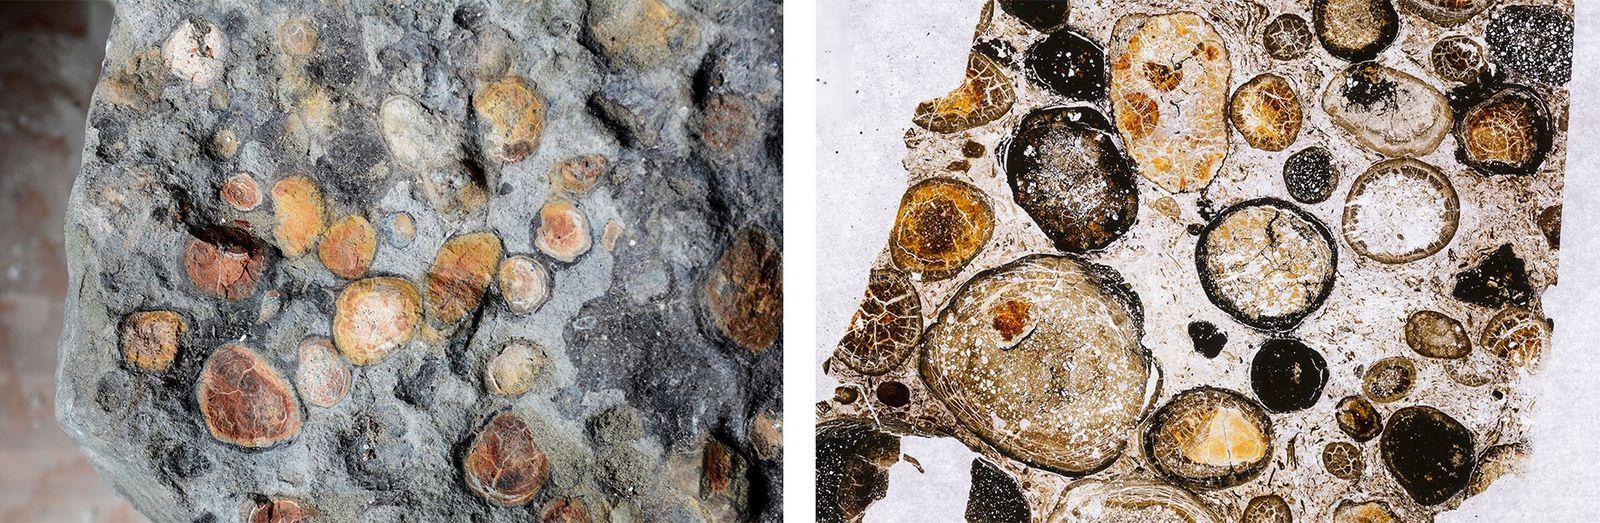 Esquerda: O conteúdo intestinal do Borealopelta inclui seixos que o dinossauro ingeriu para ajudar a desfazer ...